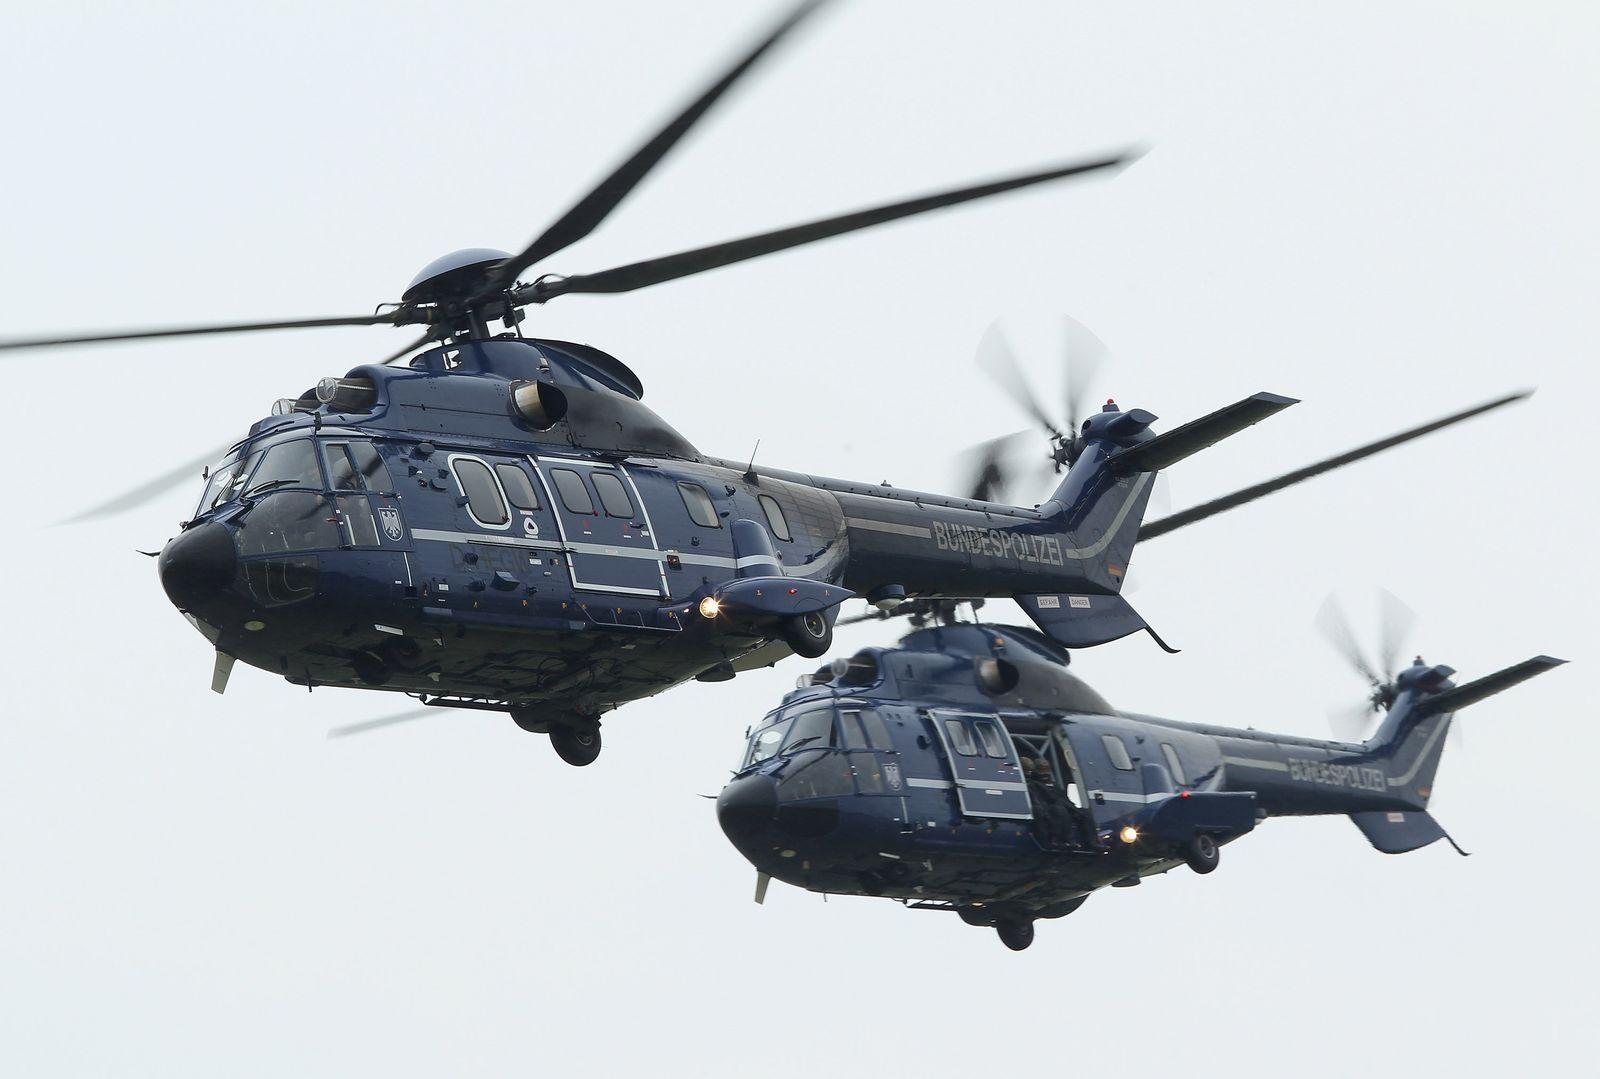 Super Puma / Airbus / Bundespolizei